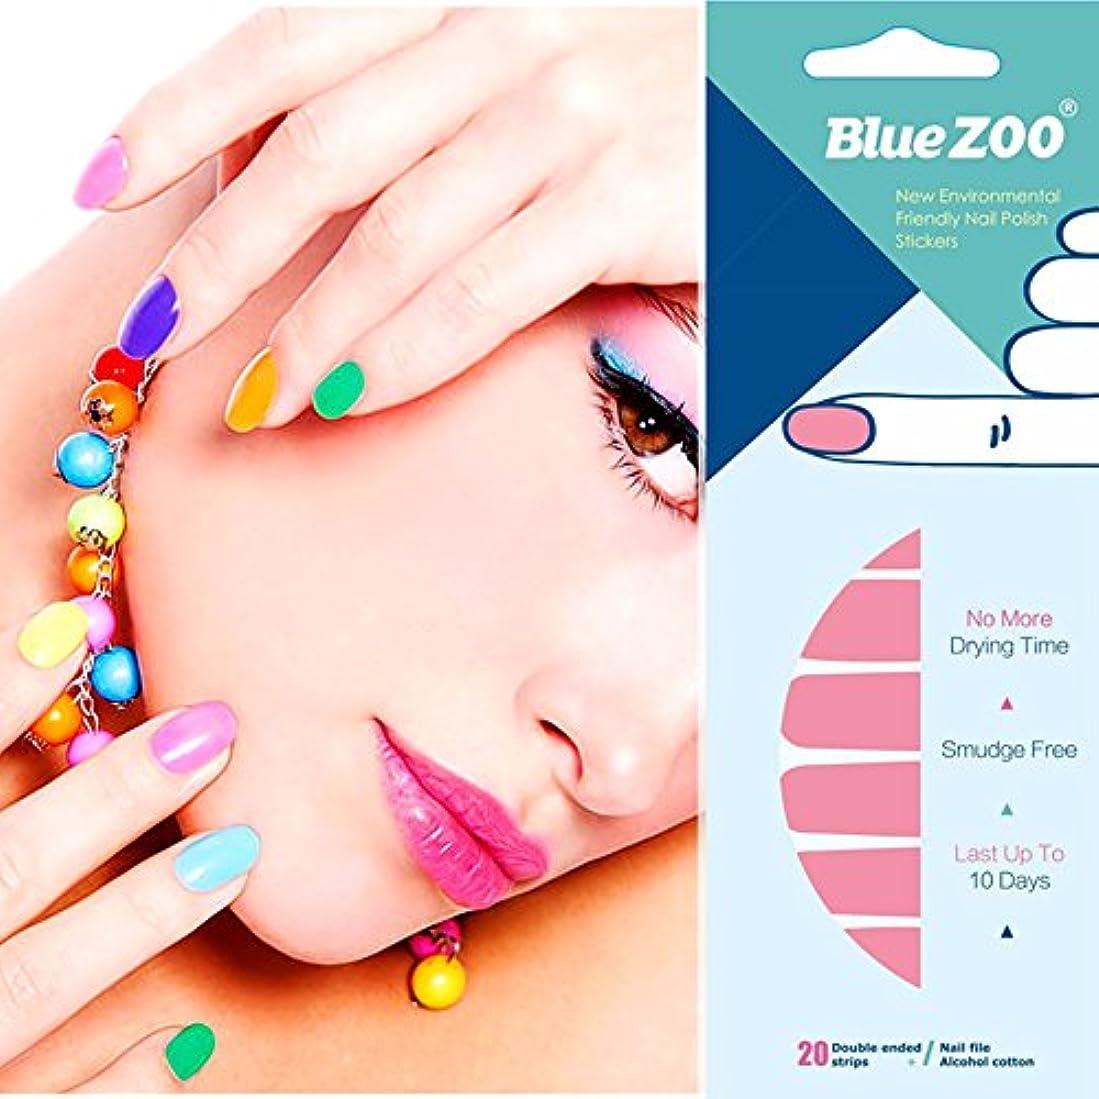 防衛悪化させる揮発性BlueZOO (ブルーズー) ネイル シール ステッカー 高品質の 純色の ネイル ペースト 20個/枚 貼るだけマニキュア